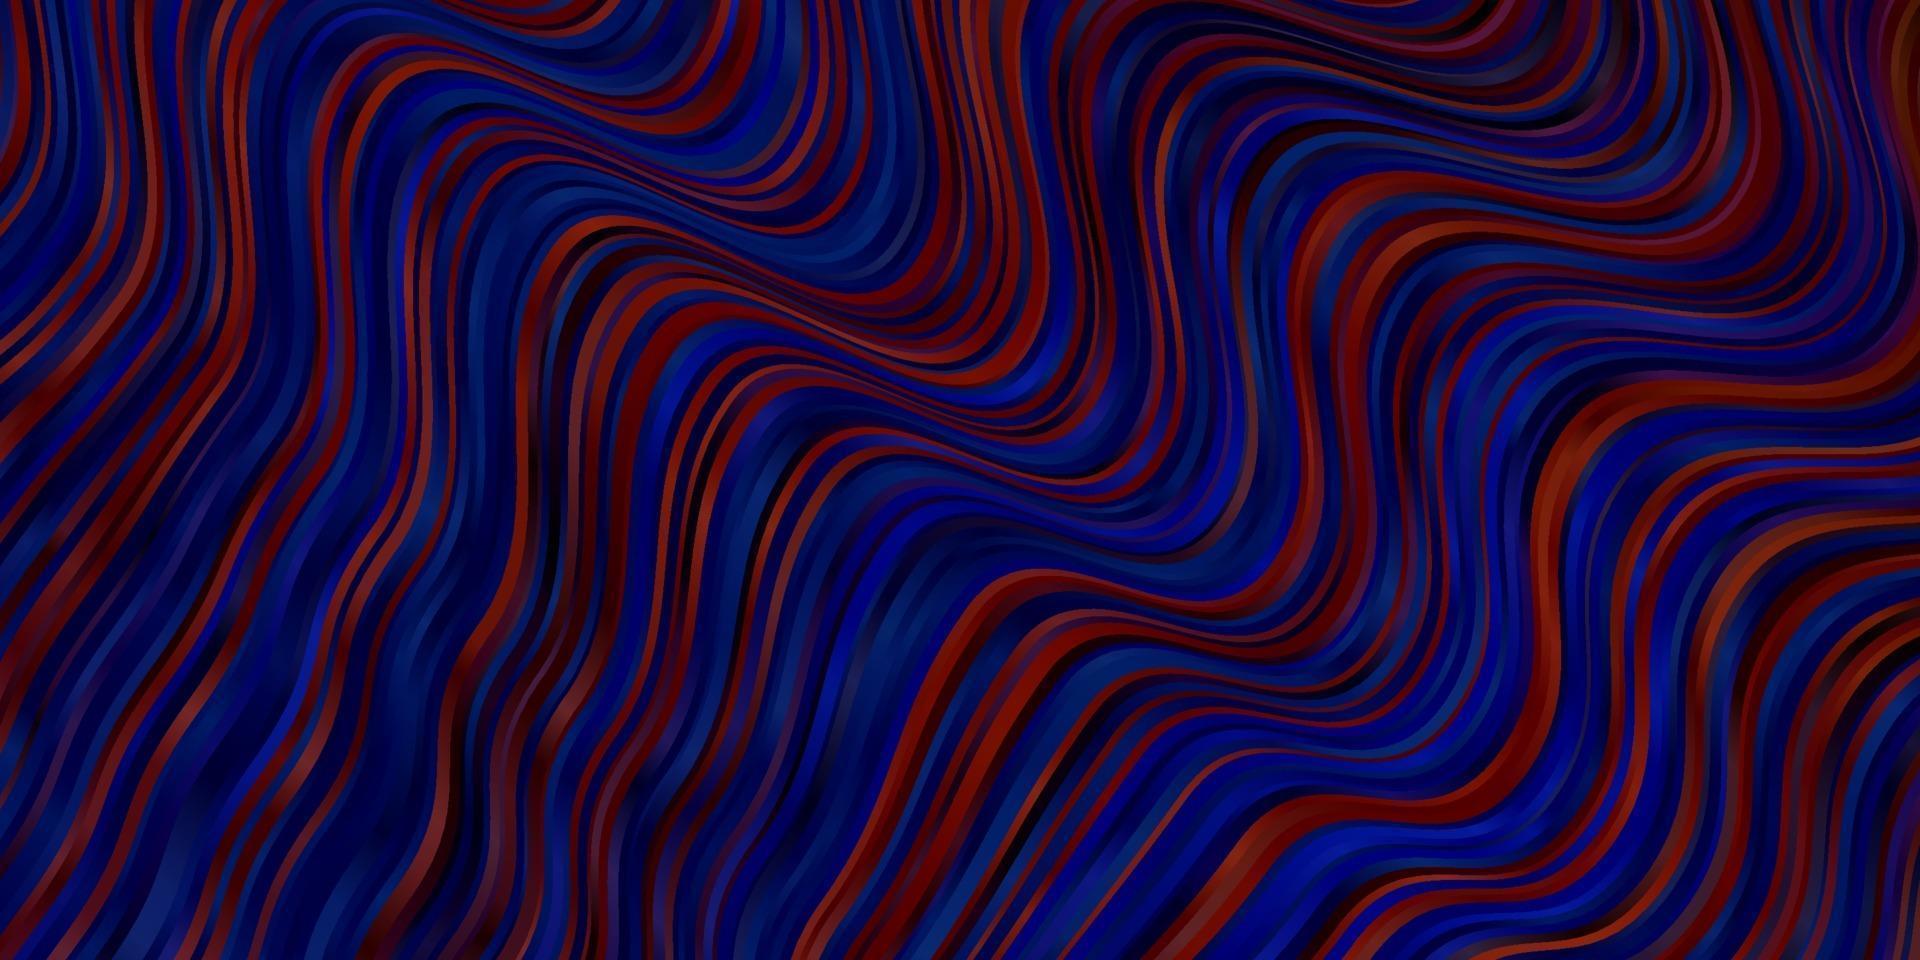 modèle vectoriel bleu clair, rouge avec des lignes courbes.